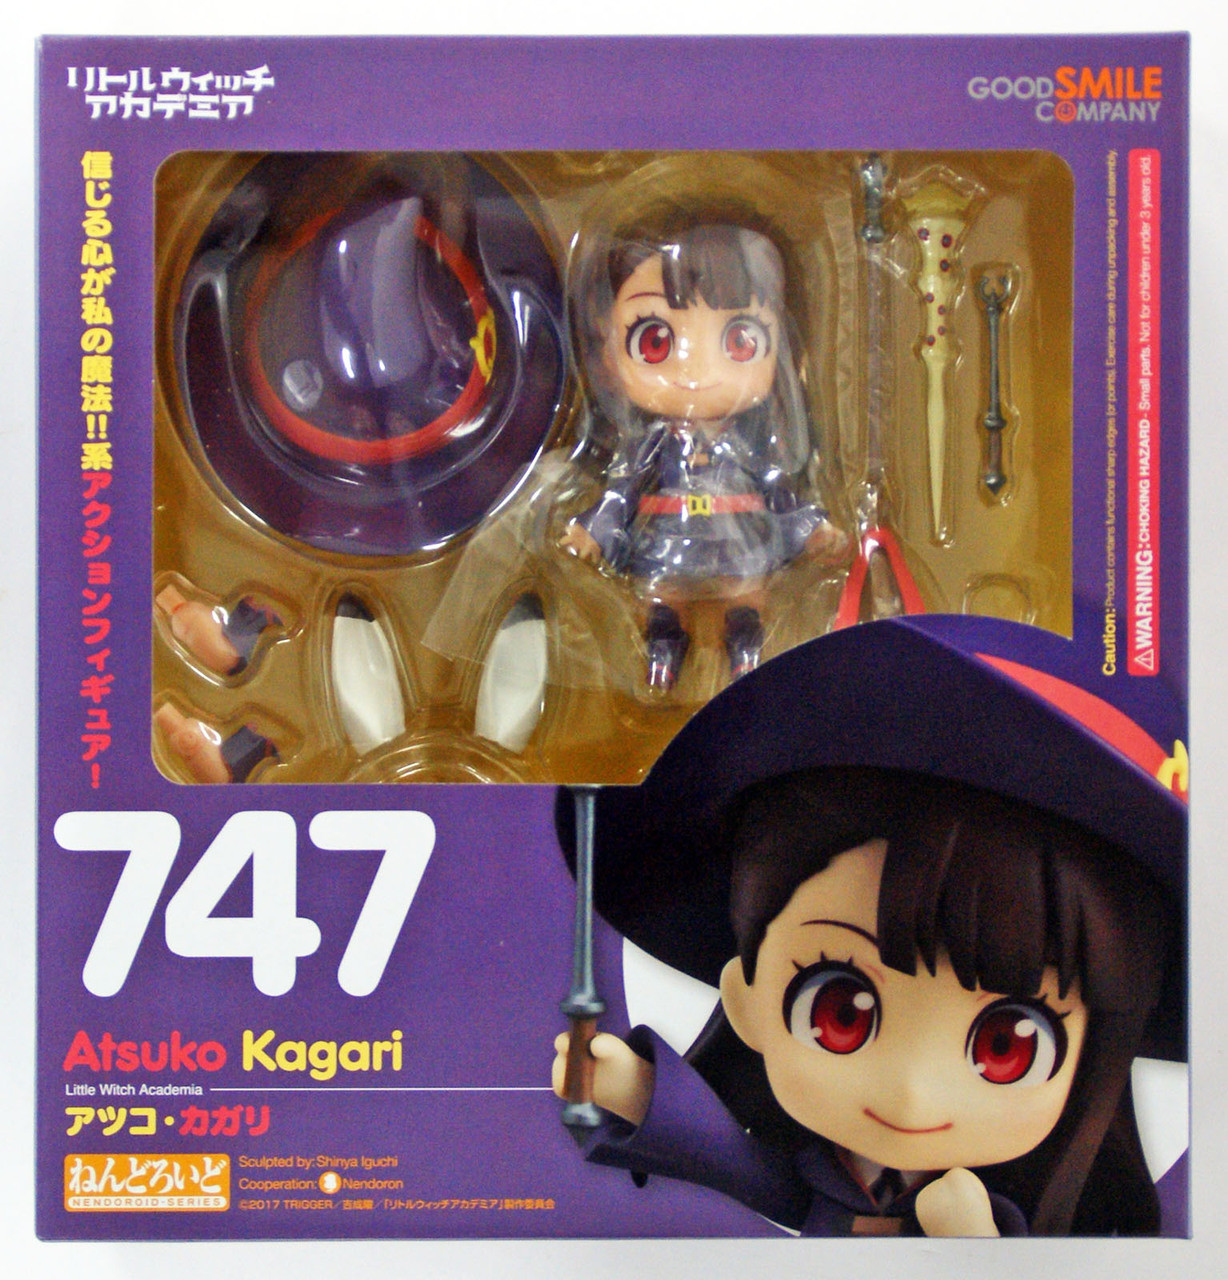 Nendoroid Little Witch Academia Atsuko Kagari Good Smile Company Japan NEW